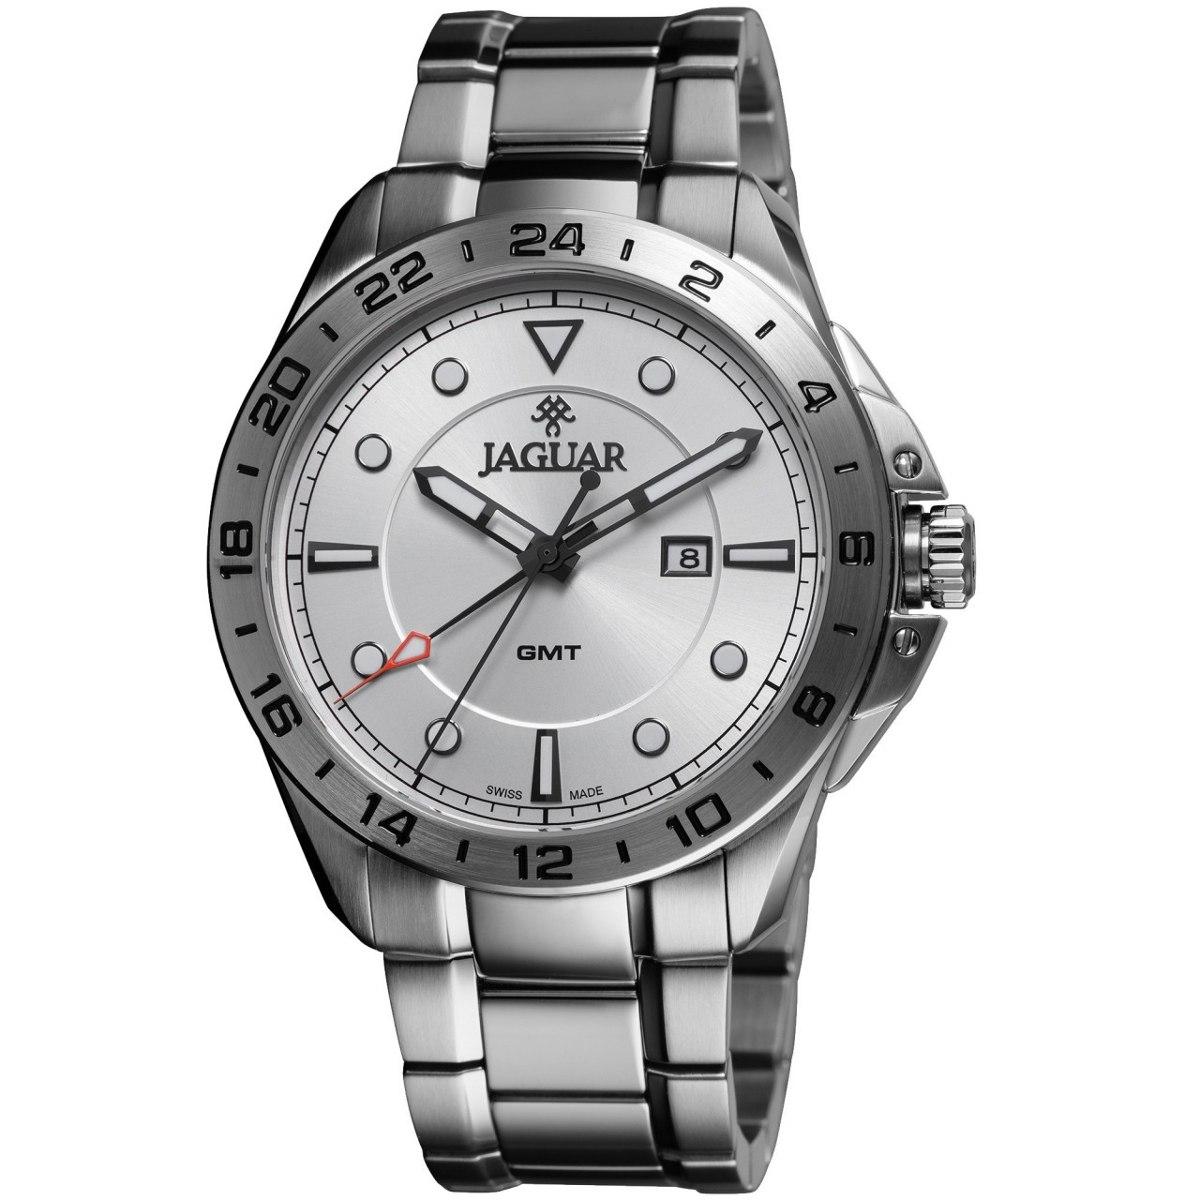 698c800e119 relógio jaguar masculino - j011ass01 s1sx - original. Carregando zoom.